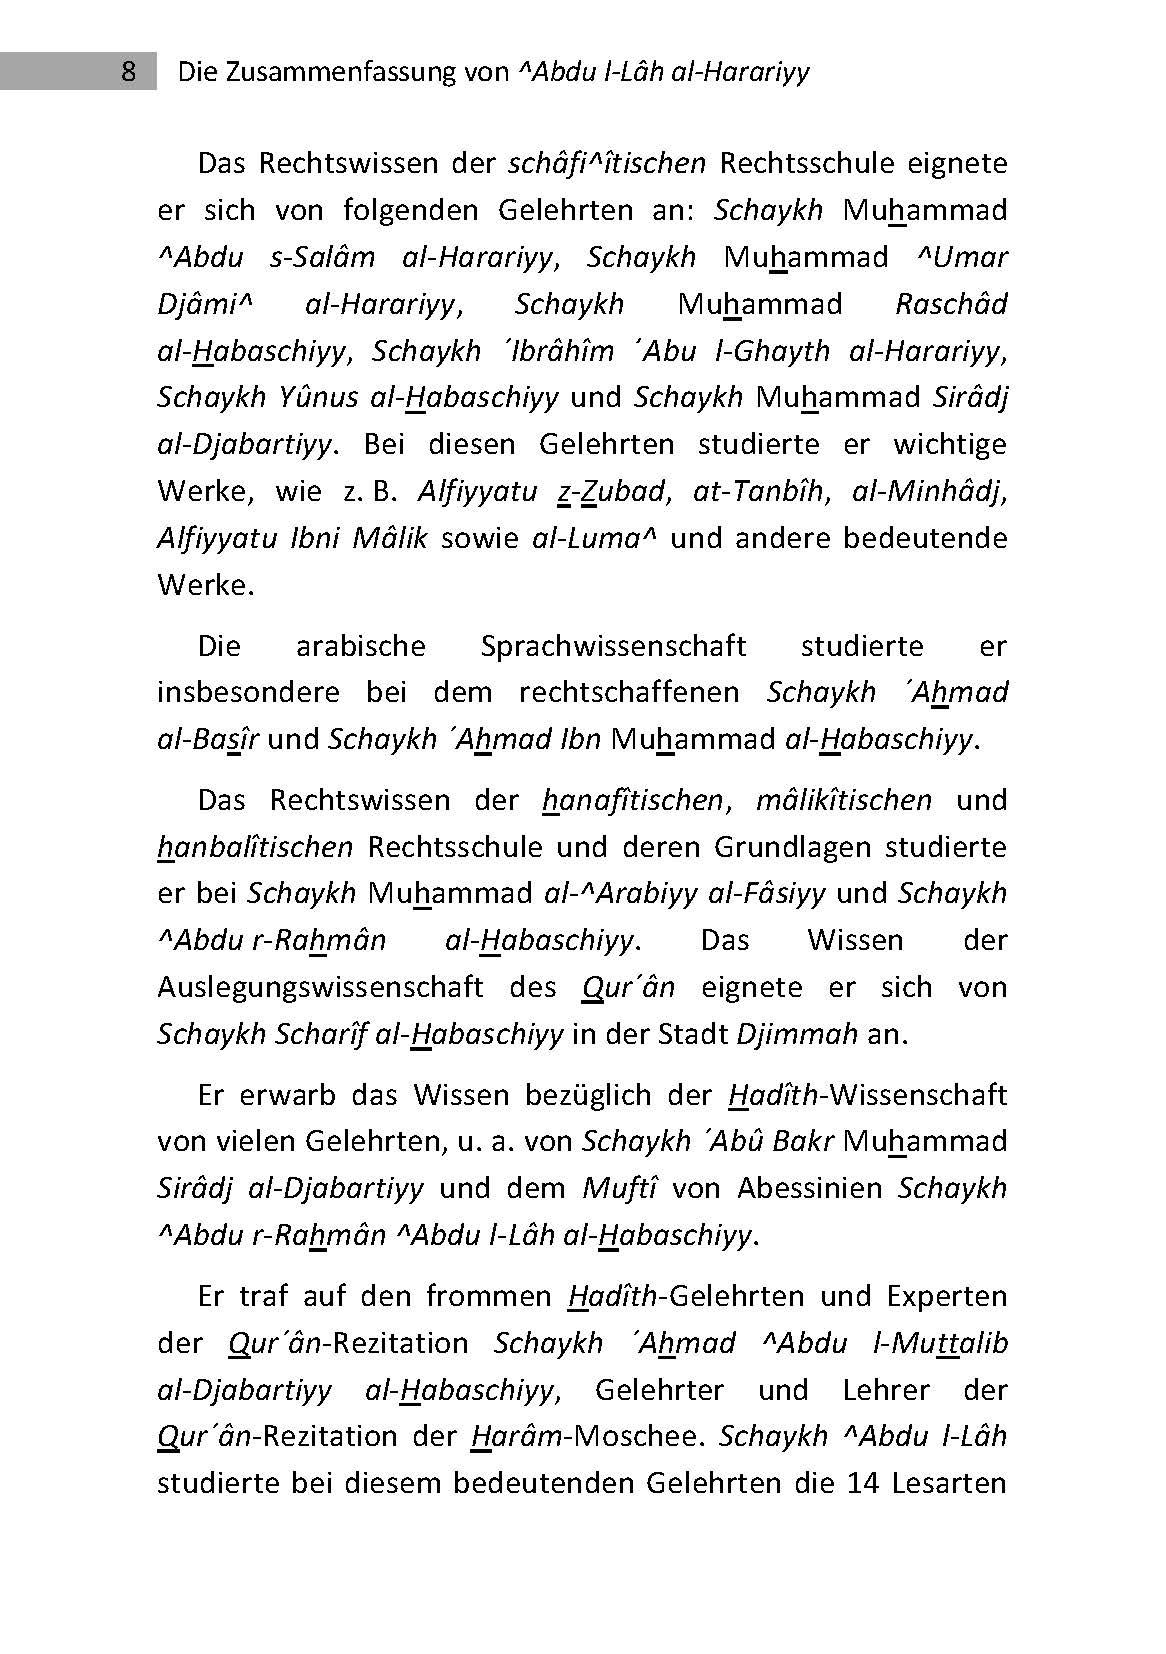 Die Zusammenfassung - 3. Auflage 2014_Seite_08